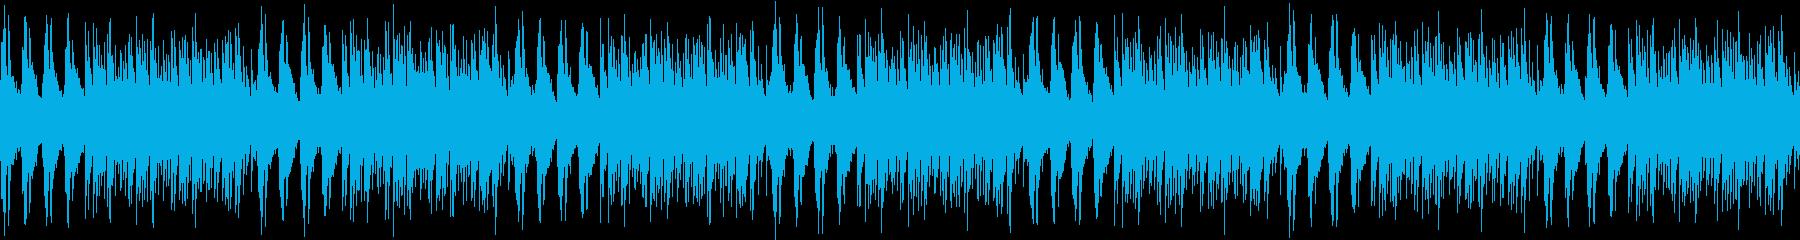 ループ ミニマル、エレクトロニカ、チルの再生済みの波形